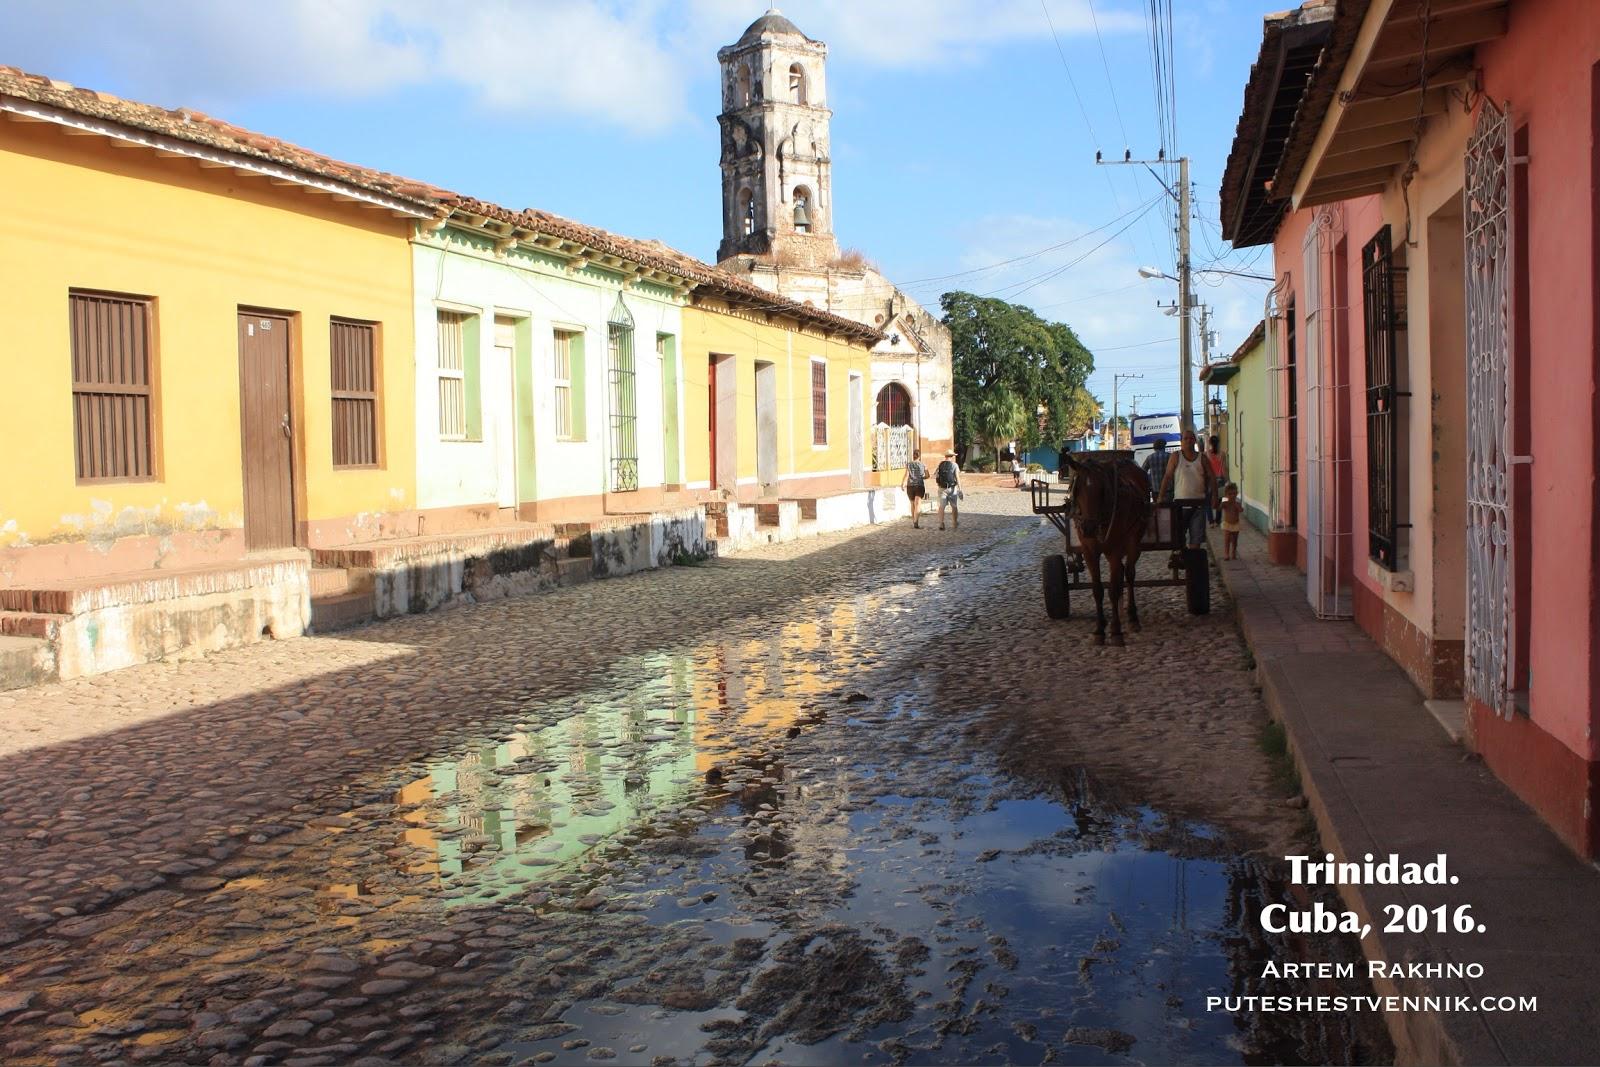 Улица кубинского города Тринидад